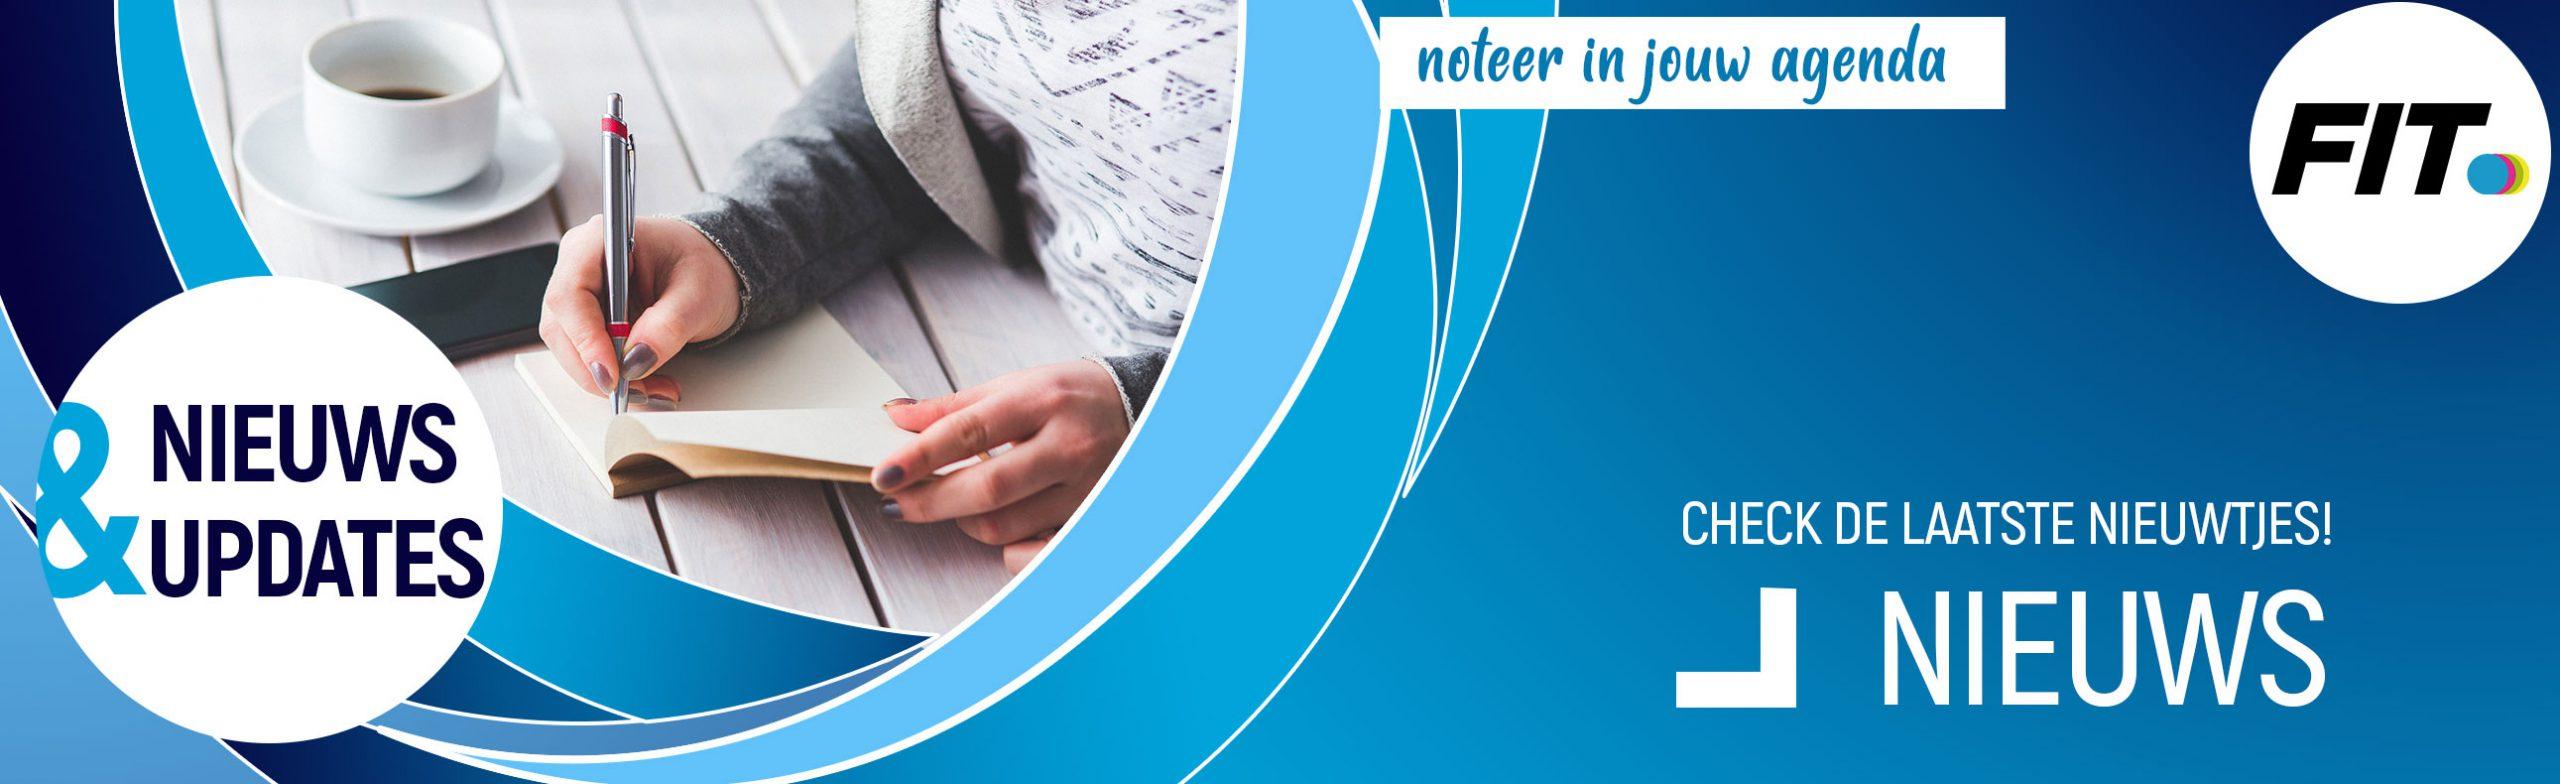 NIEUWS-webheader